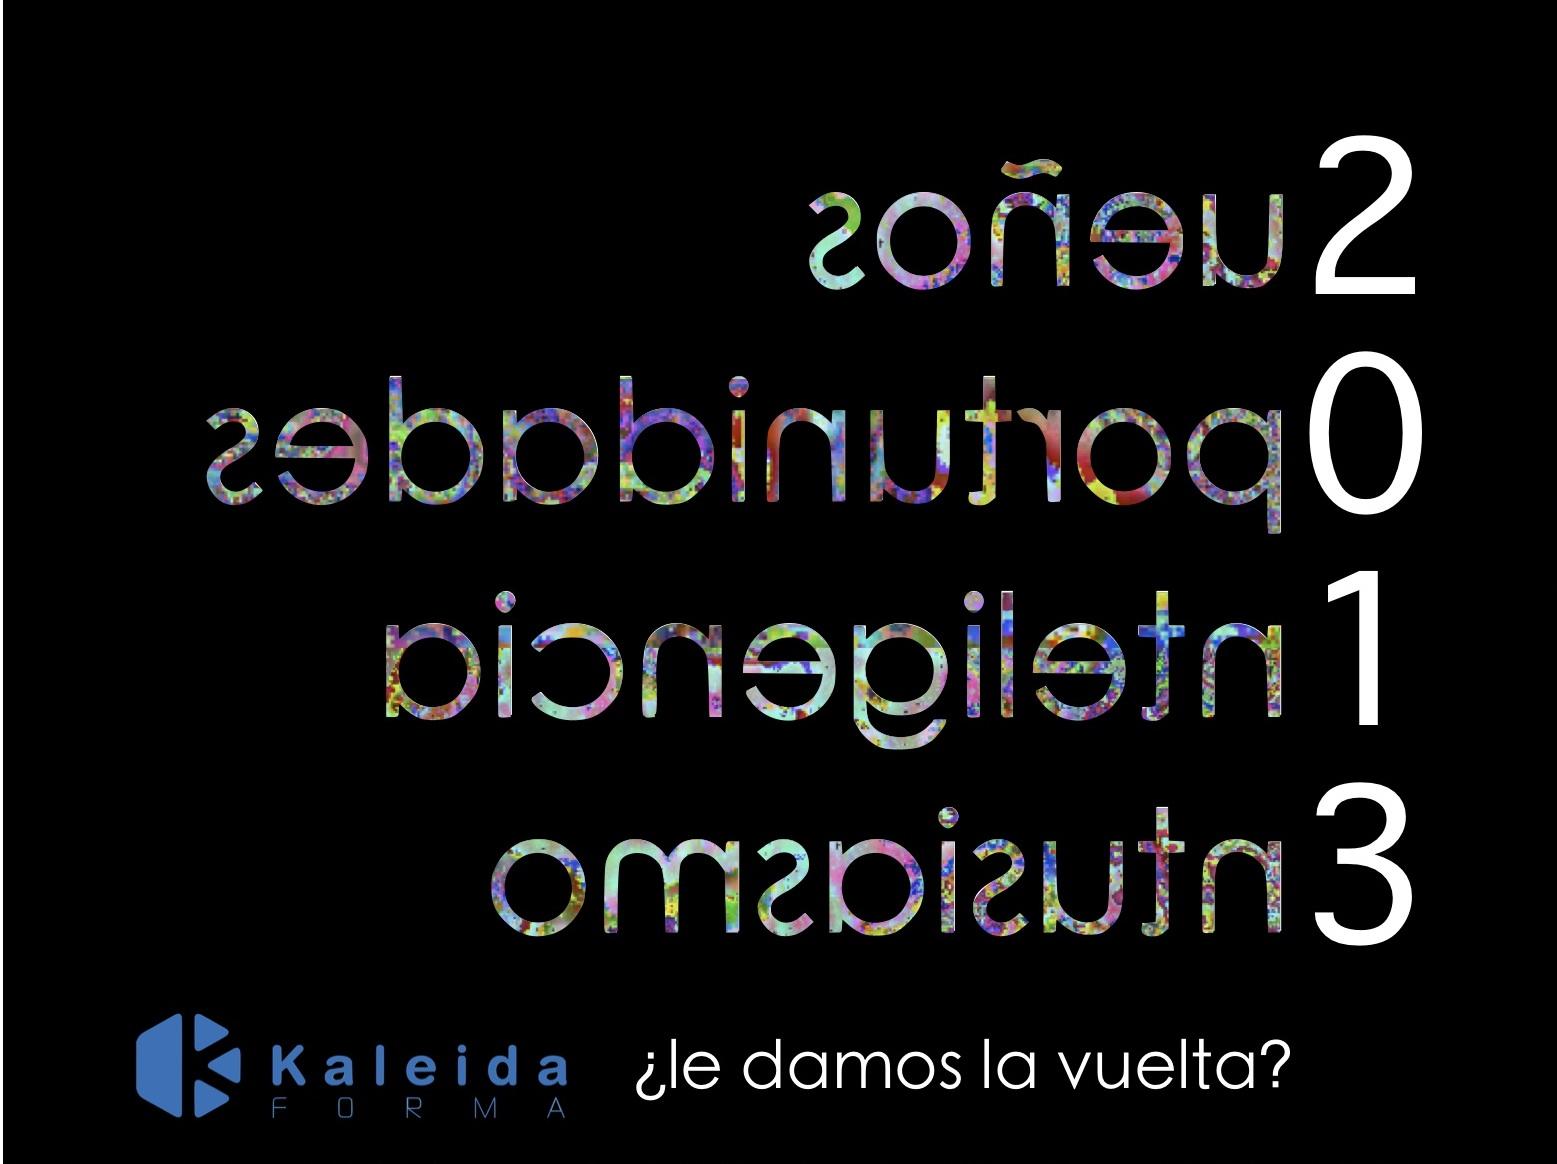 deseos_2013